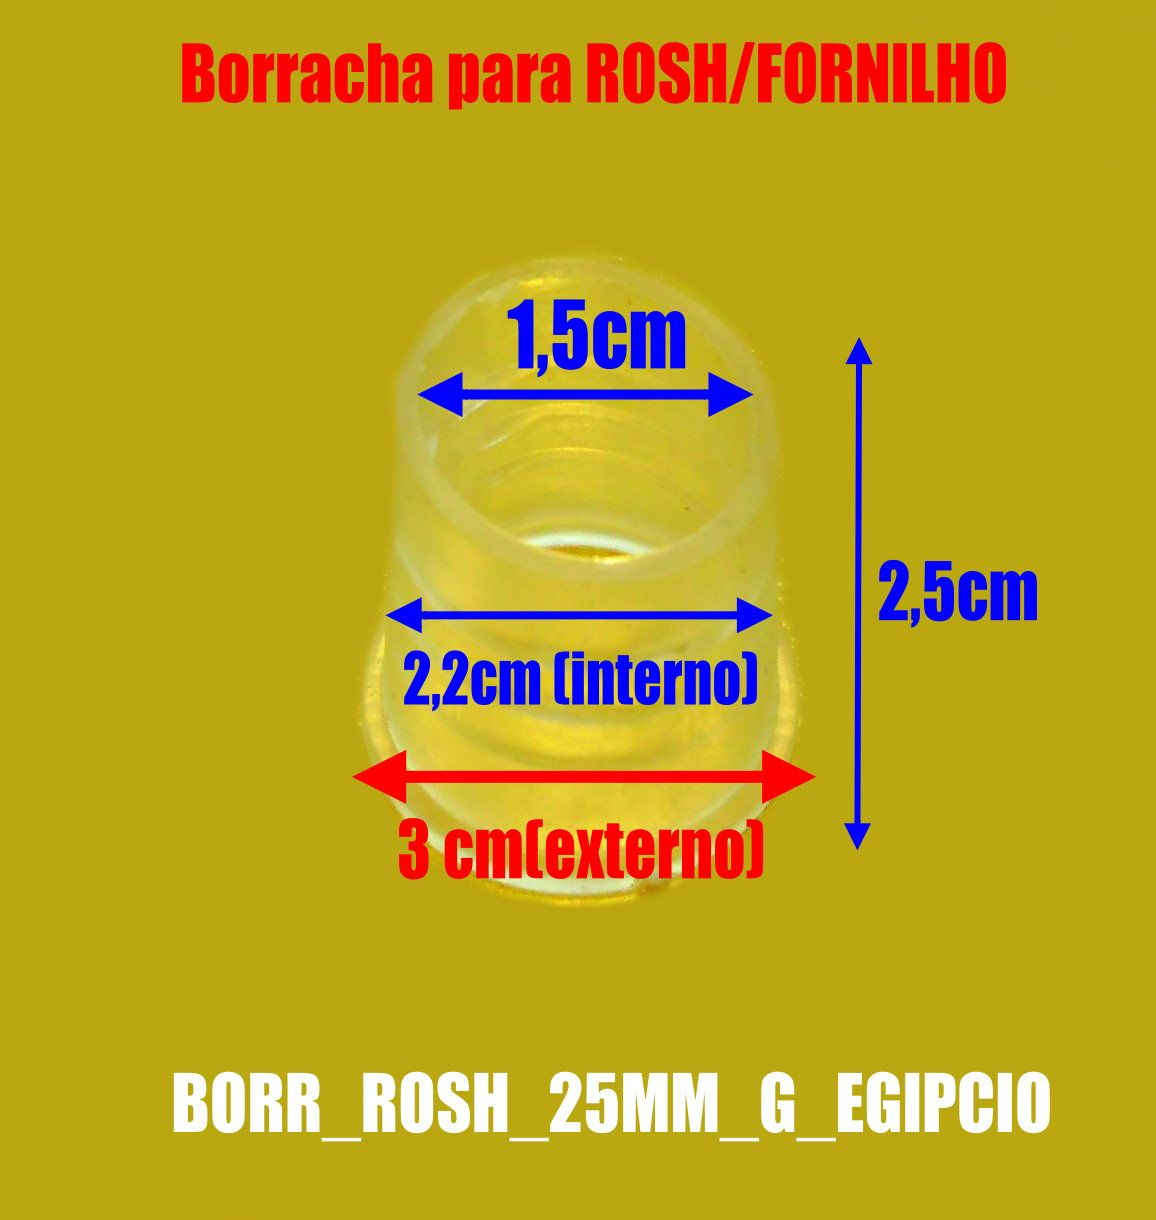 1 Fornilho FLUX BOWL PRETO FUNIL + 2 un Borracha p/ vaso G + 5 unBorracha p/ fornilho + 5 Borracha, todas p/ egípcios.